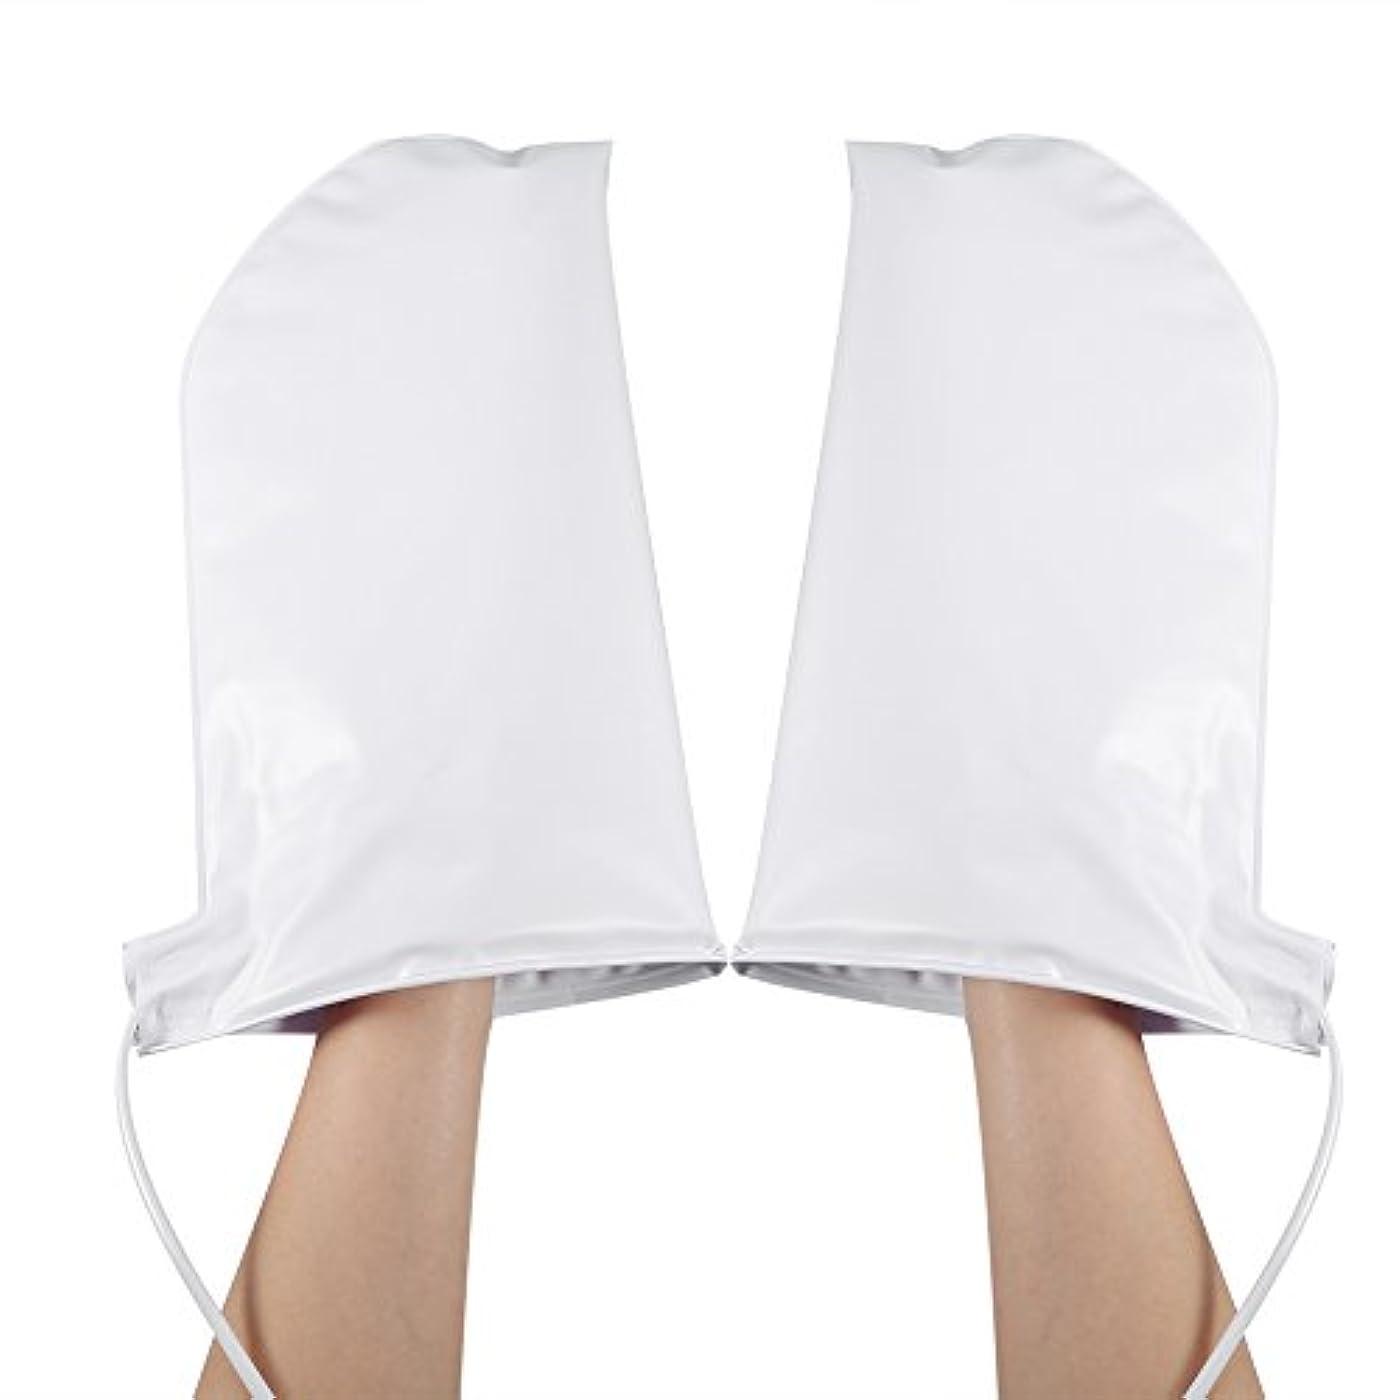 ハイランド信念スティック手袋 ヒートグローブ 加熱式 電熱 手ケア ハンドケア 2つ加熱モード 乾燥対策 手荒れ対策 補水 保湿 美白 しっとり